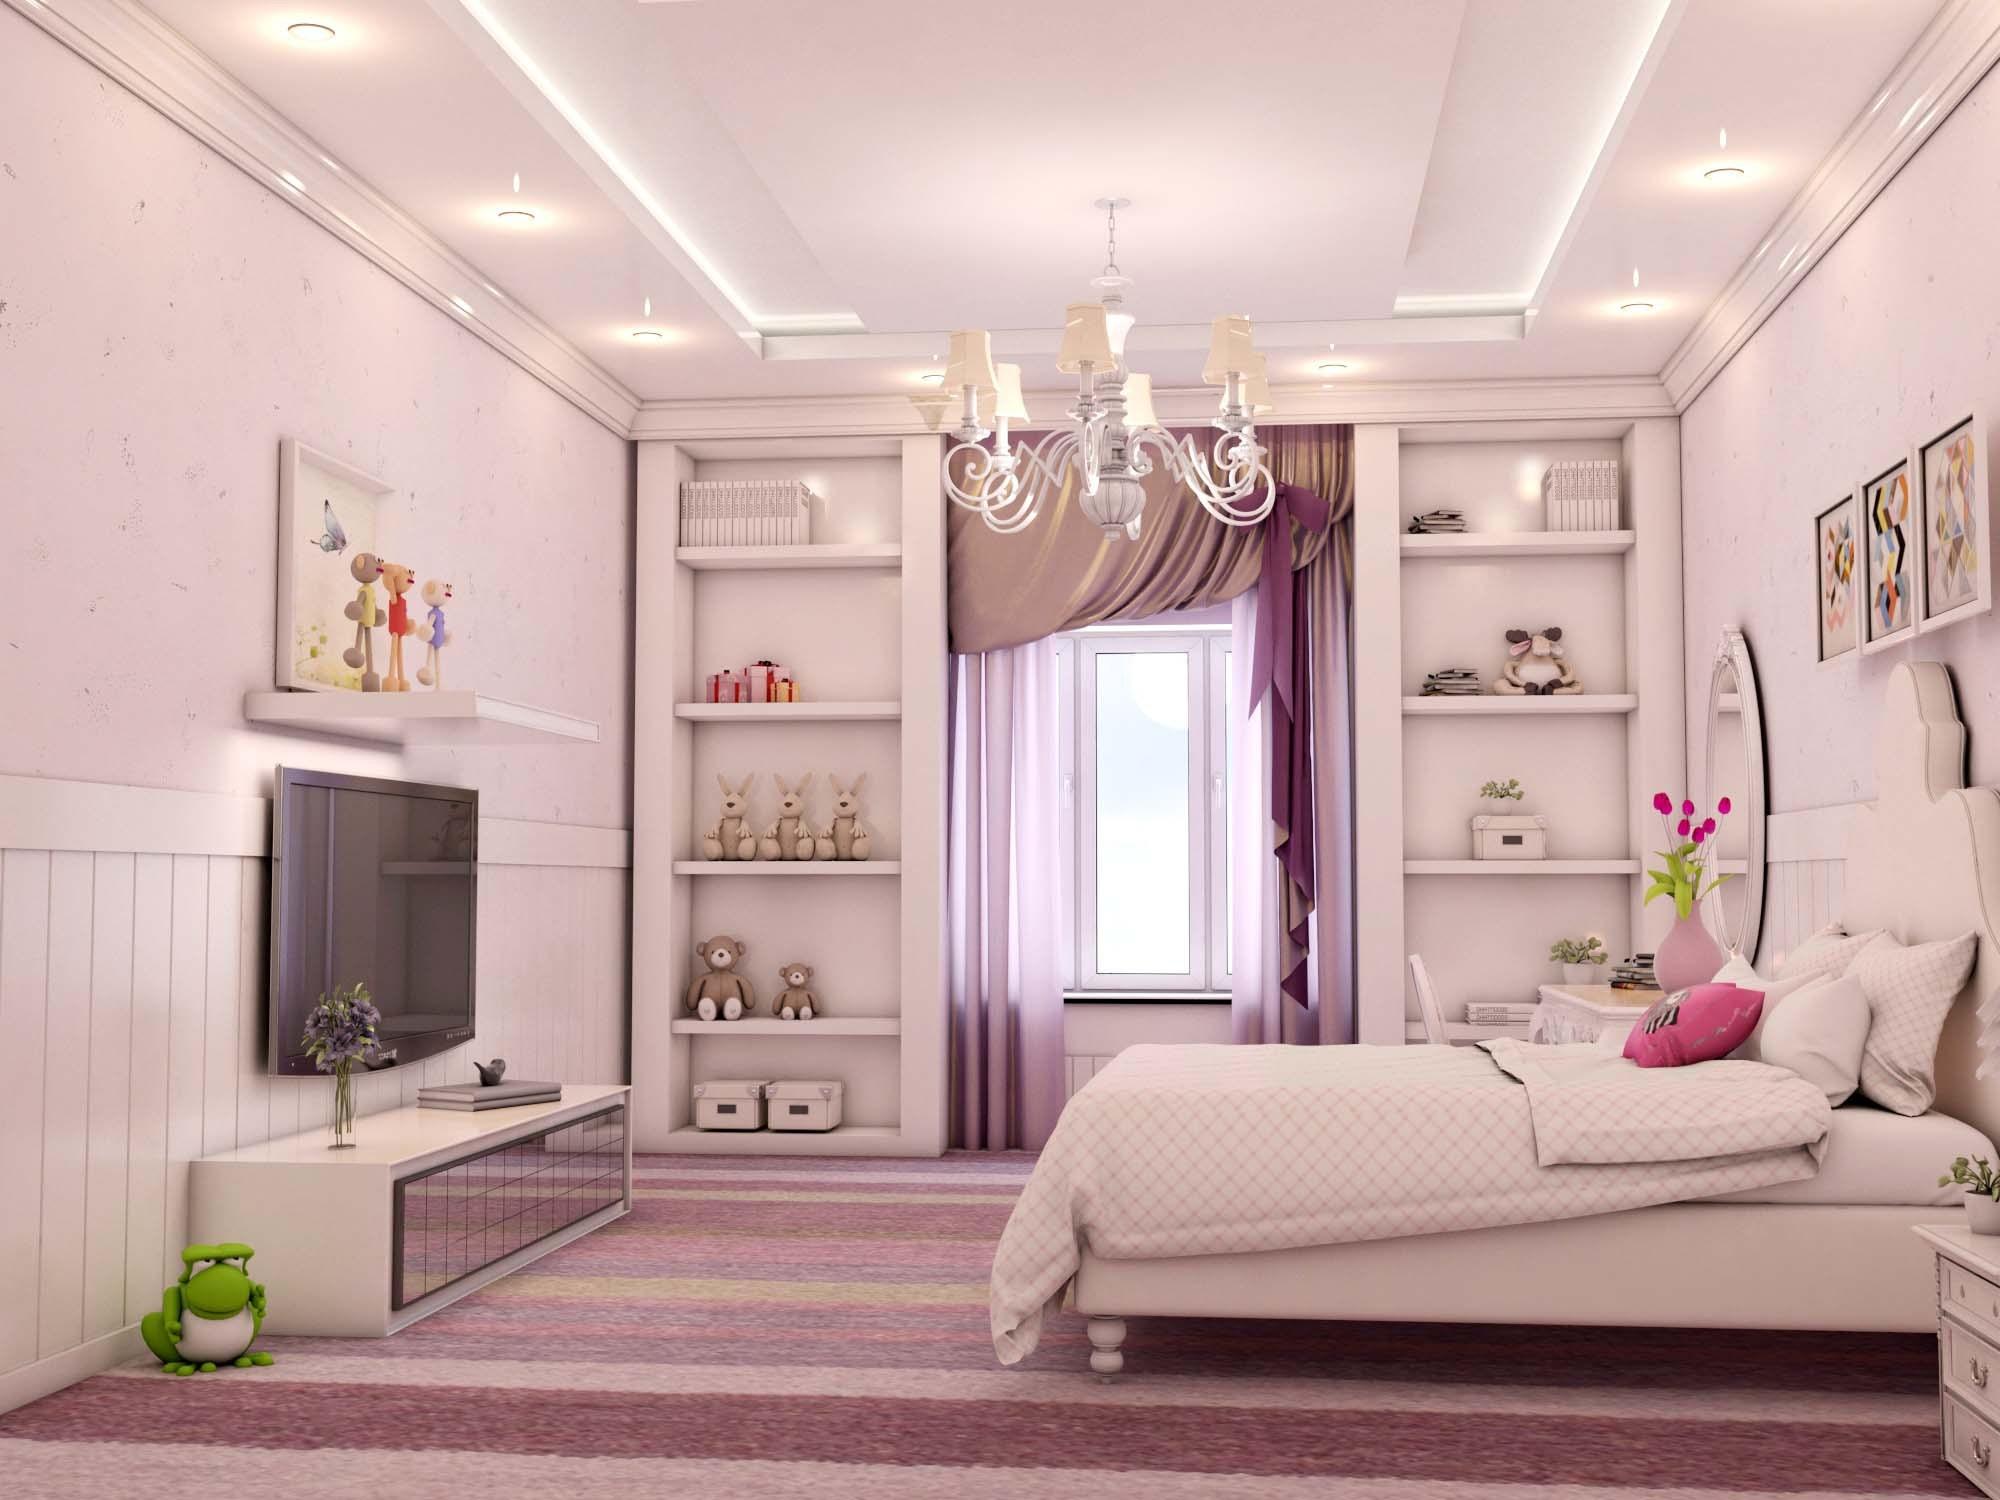 صورة تصميم غرف نوم , اجمل تصميمات لغرف النوم